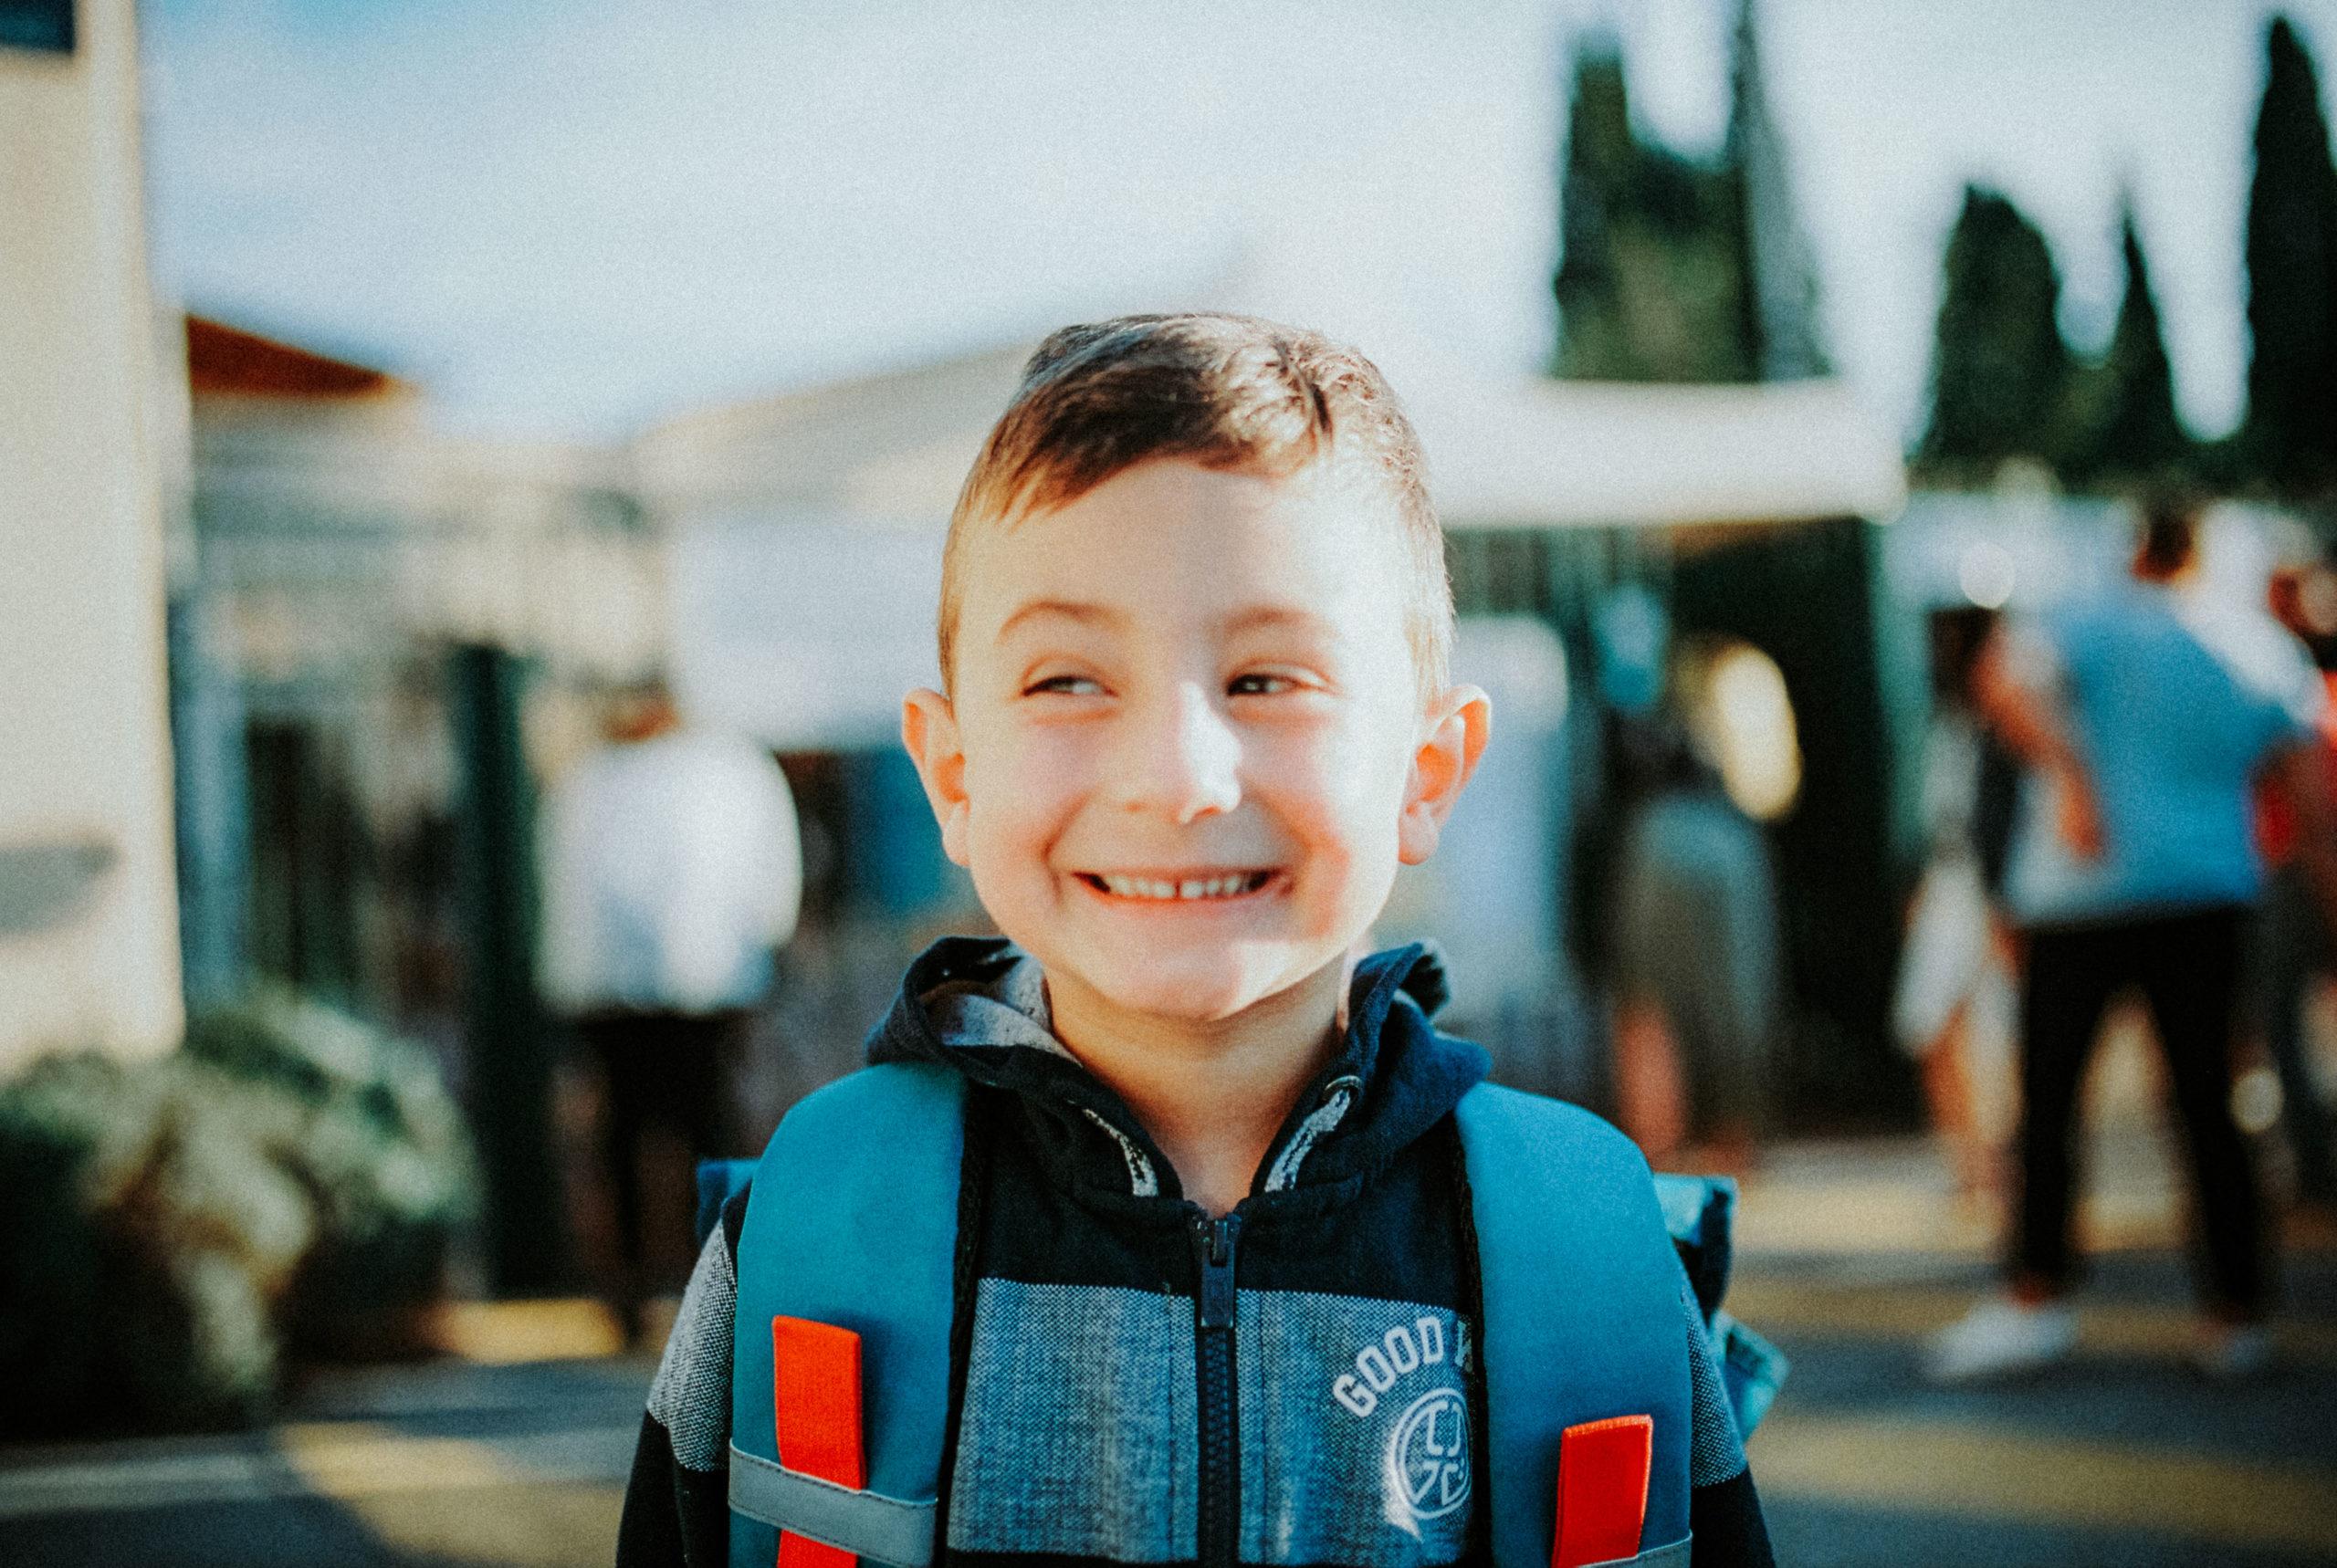 caroline liabot photographe - portrait d'enfant - sur le chemin de l ecole - projet perso - portra 400 - photo argentique - carmencitalab